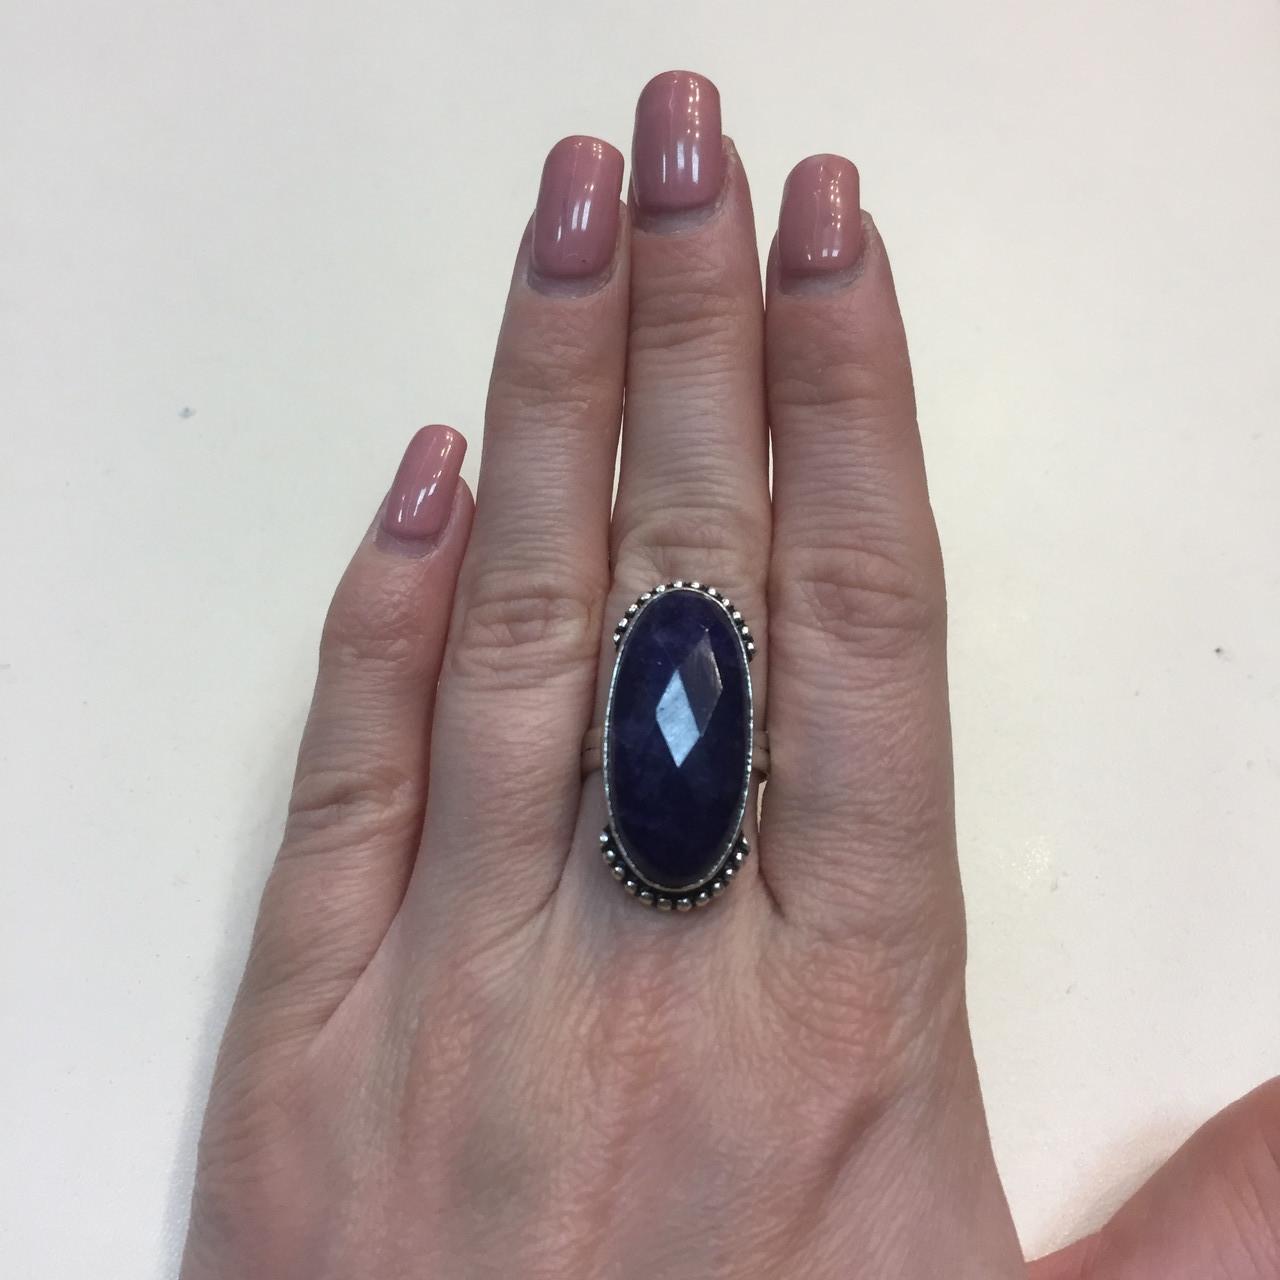 Сапфир кольцо 17,5-18 размер с индийским сапфиром в серебре